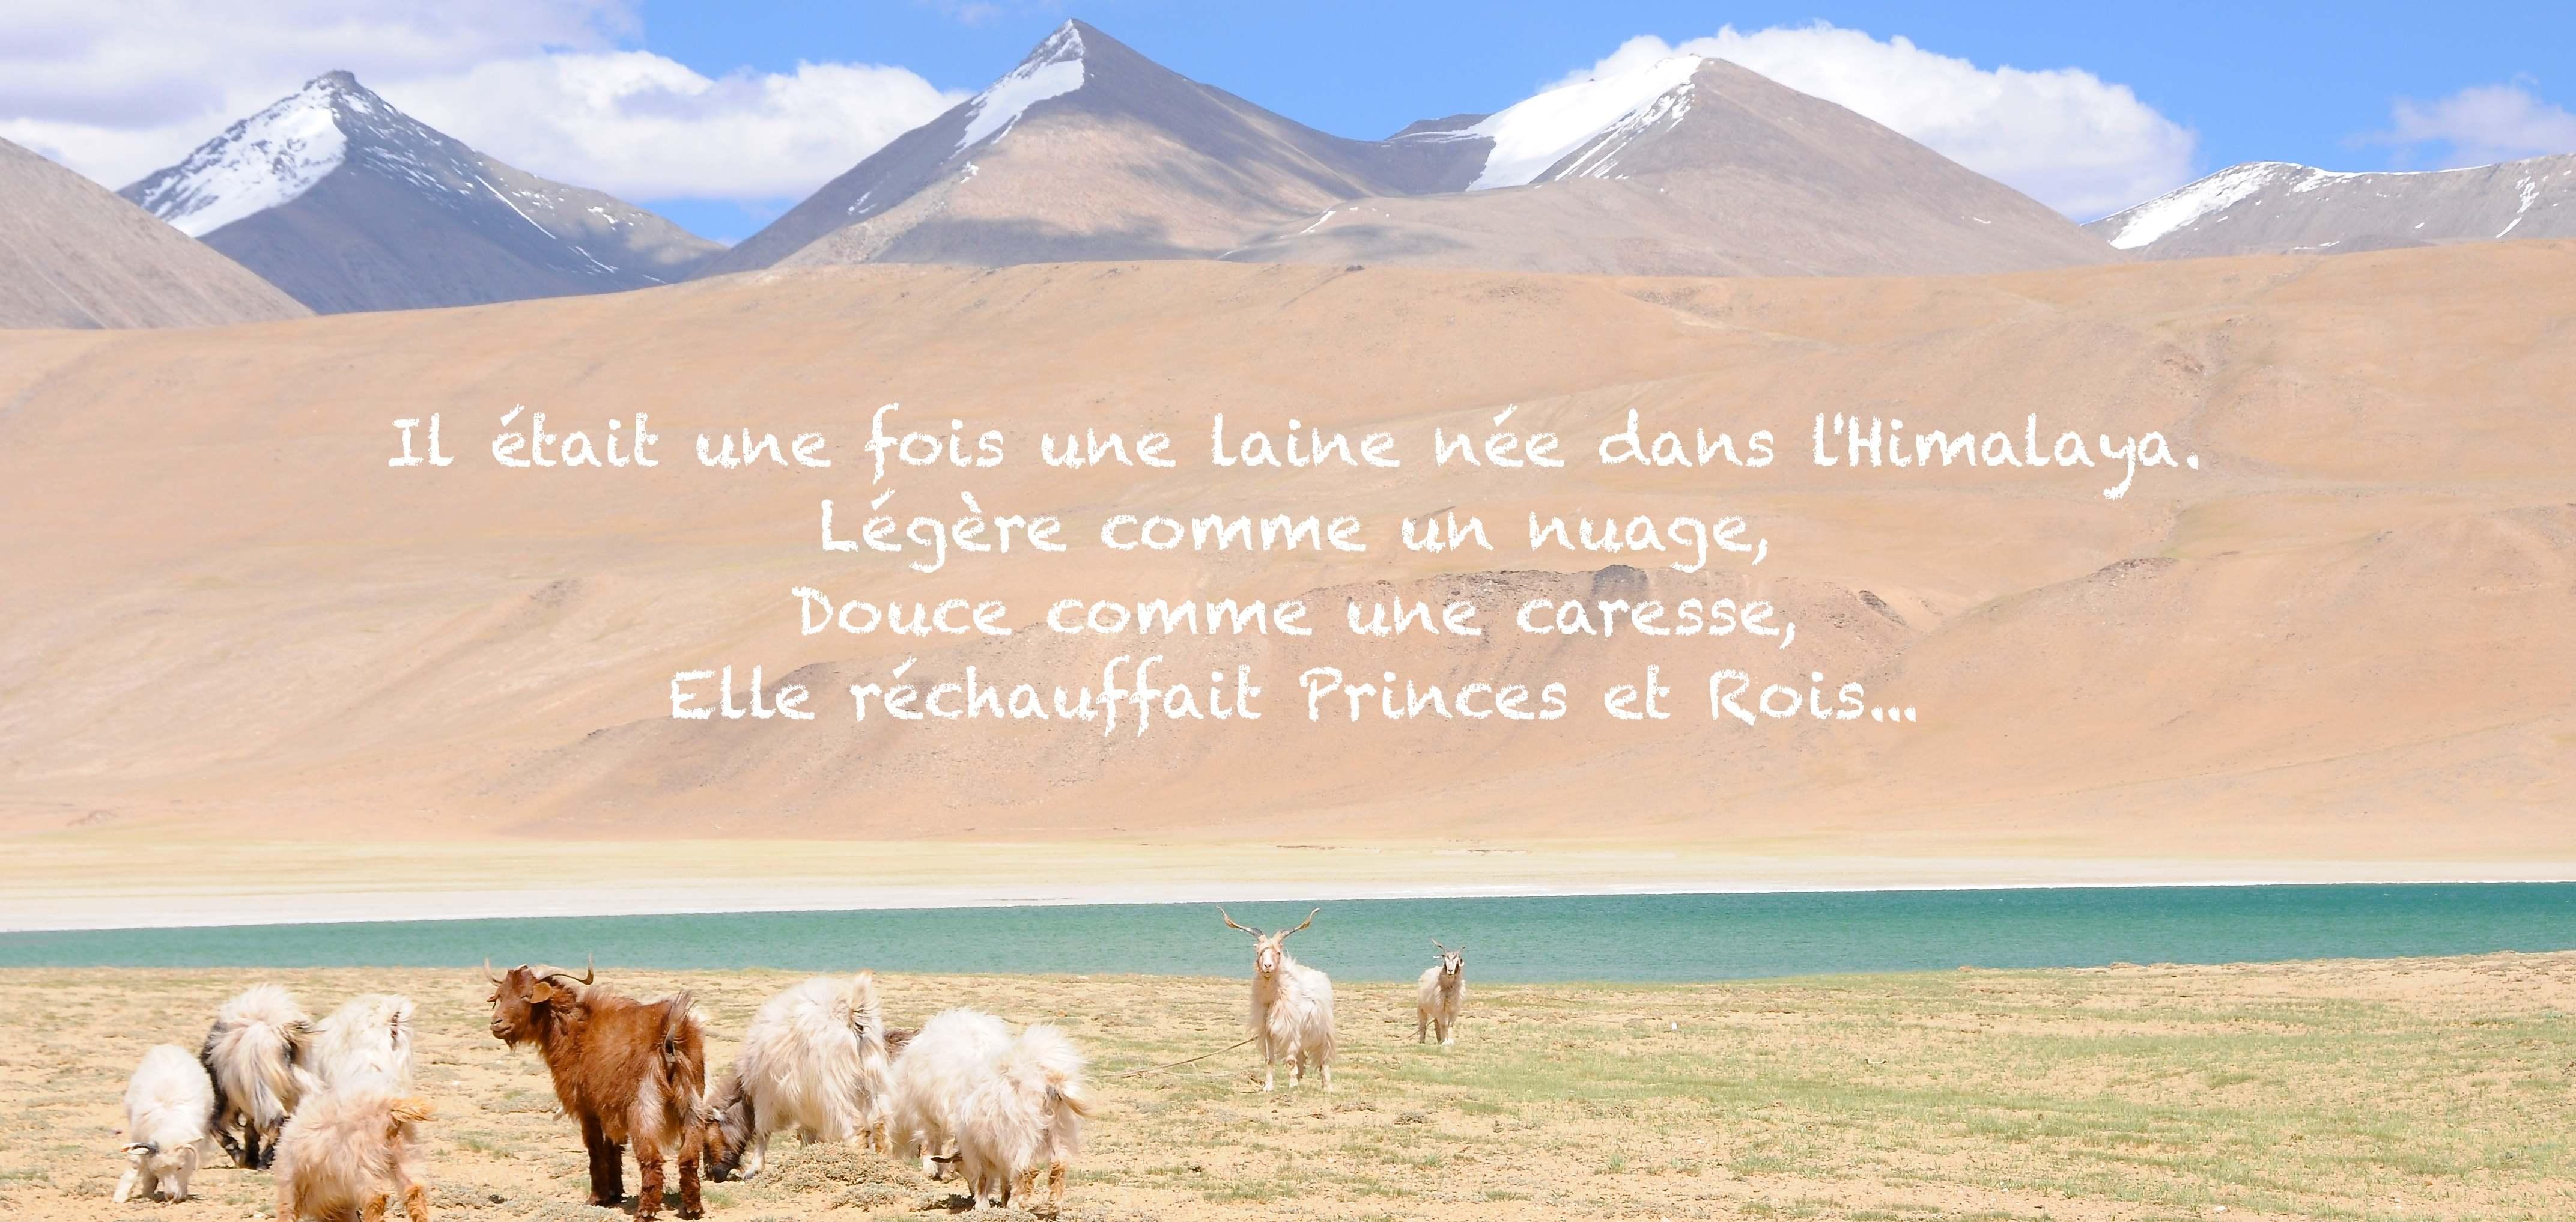 les chèvres changra pashmina vivent dans l'himalaya à plus de 4500m d'altitude au ladakh